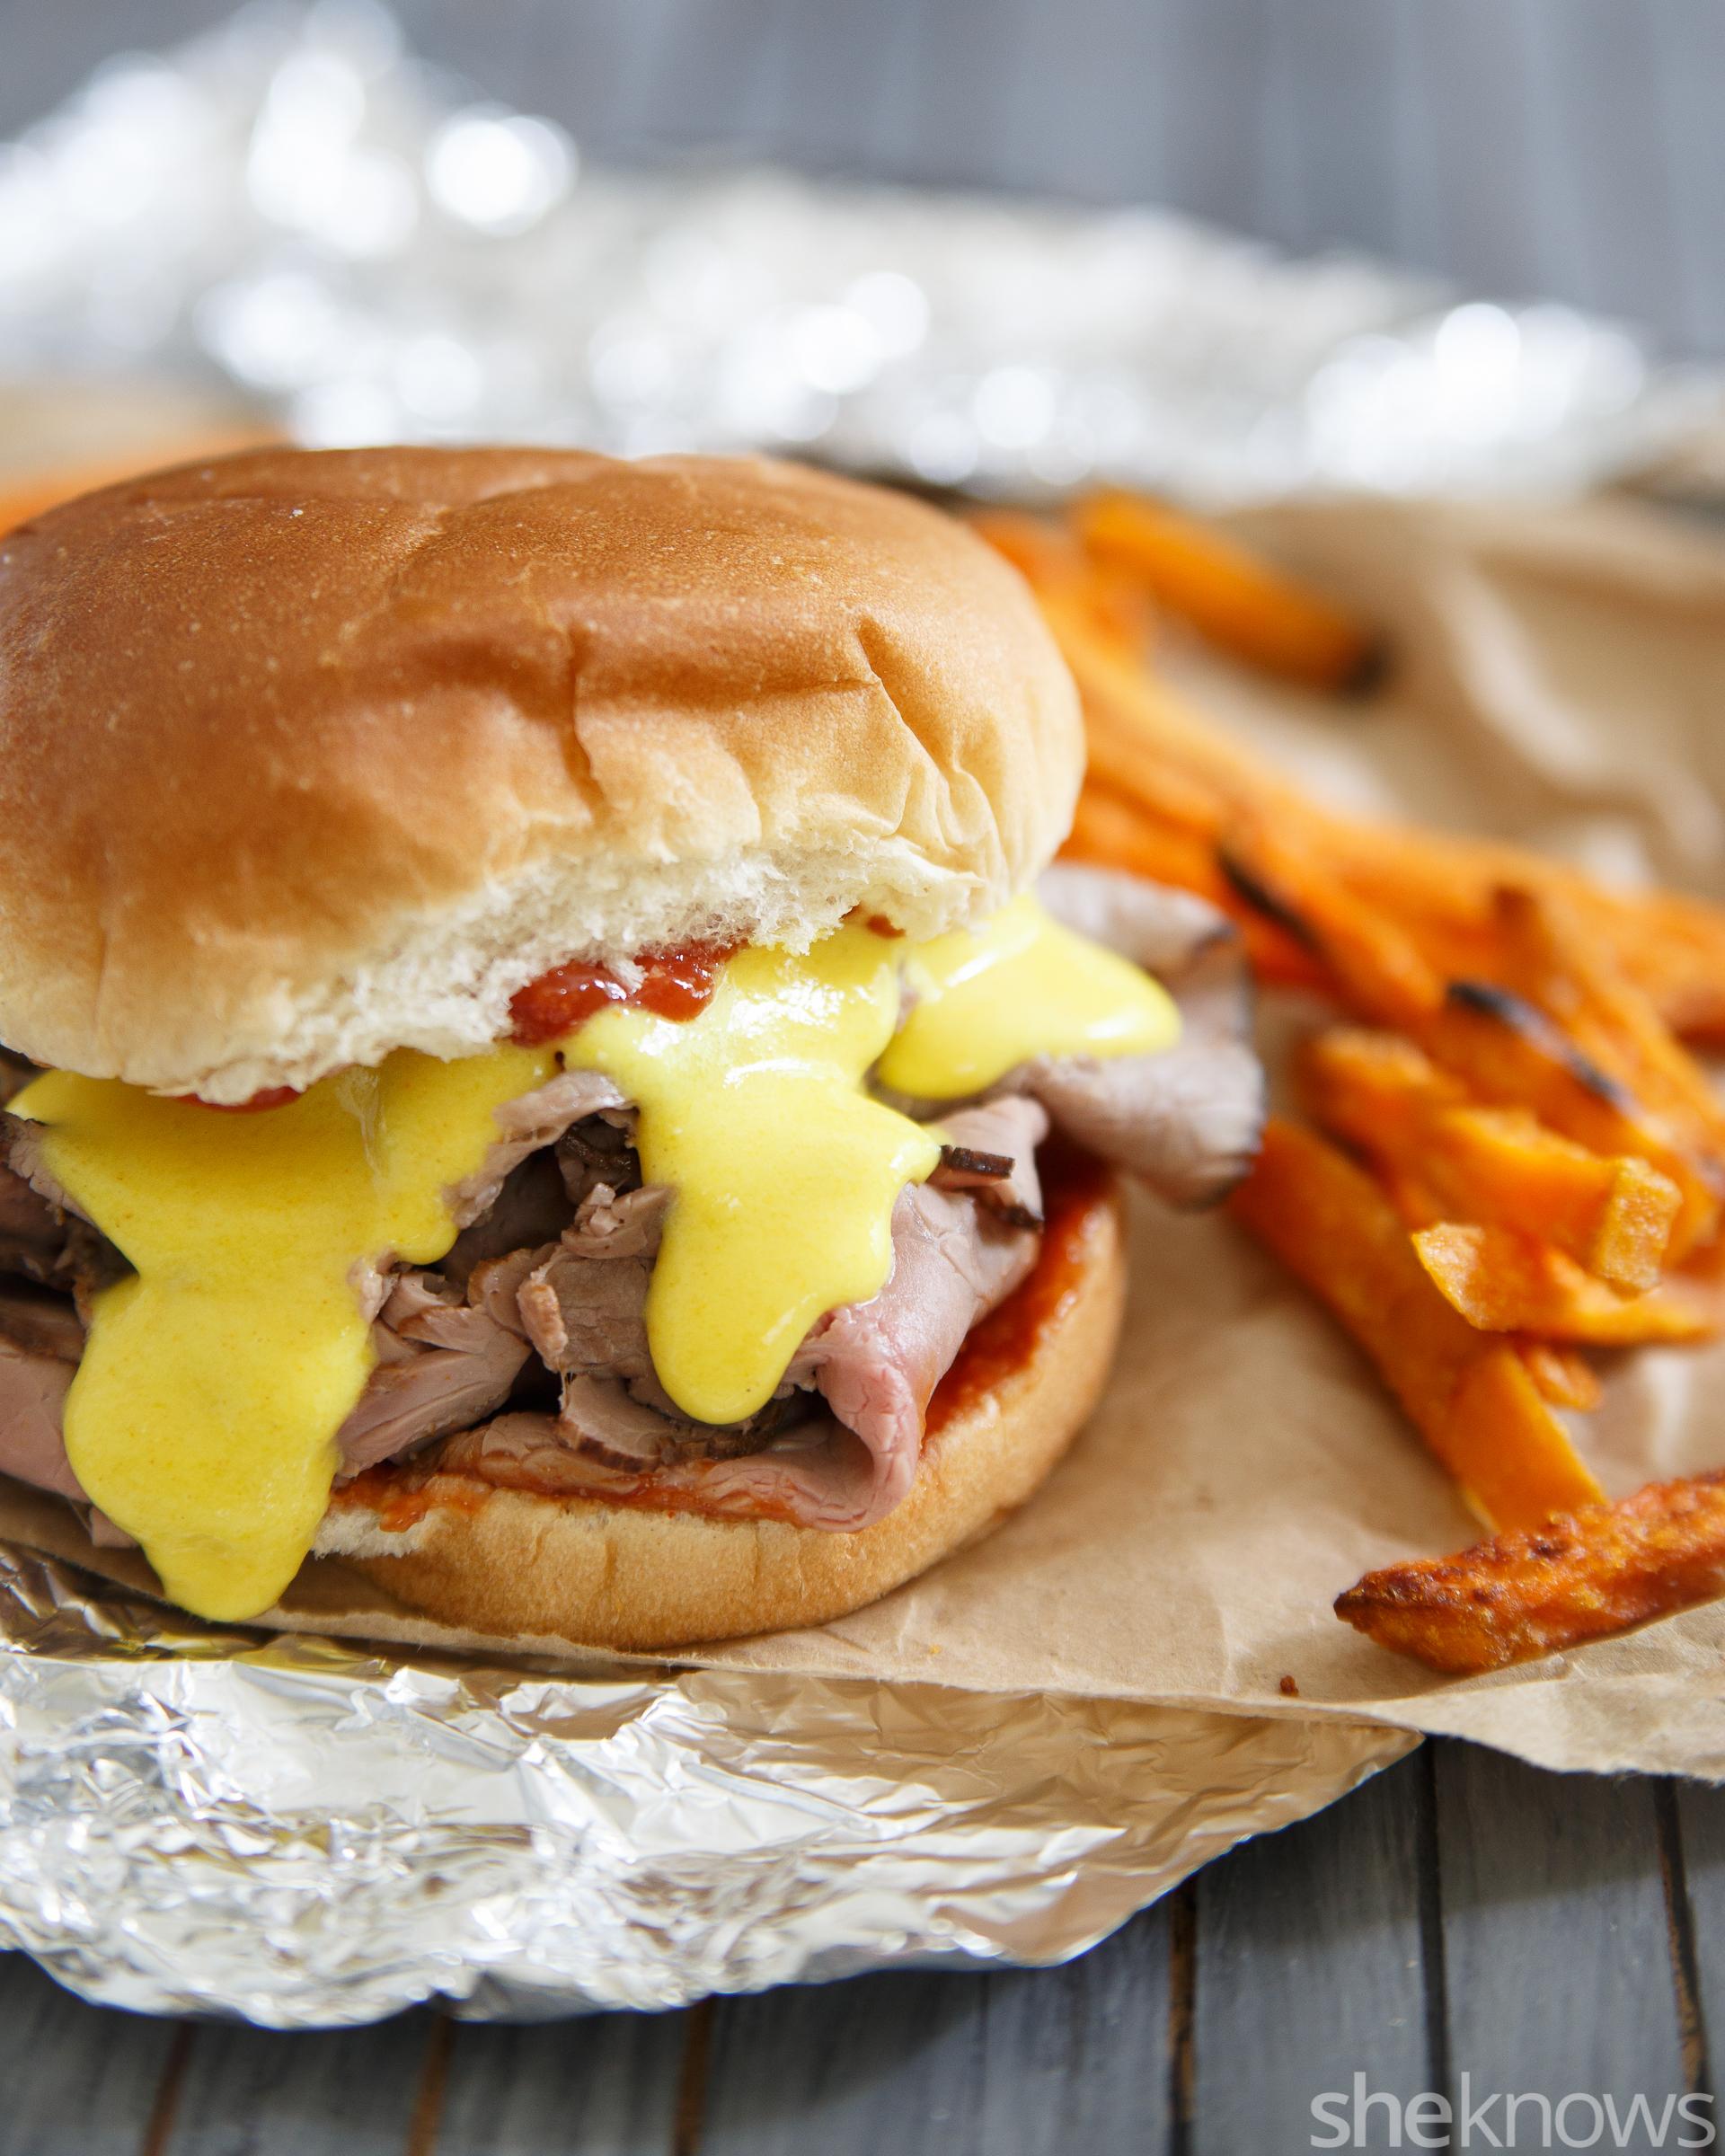 Arby's Roast Beef Cheddar Sandwich